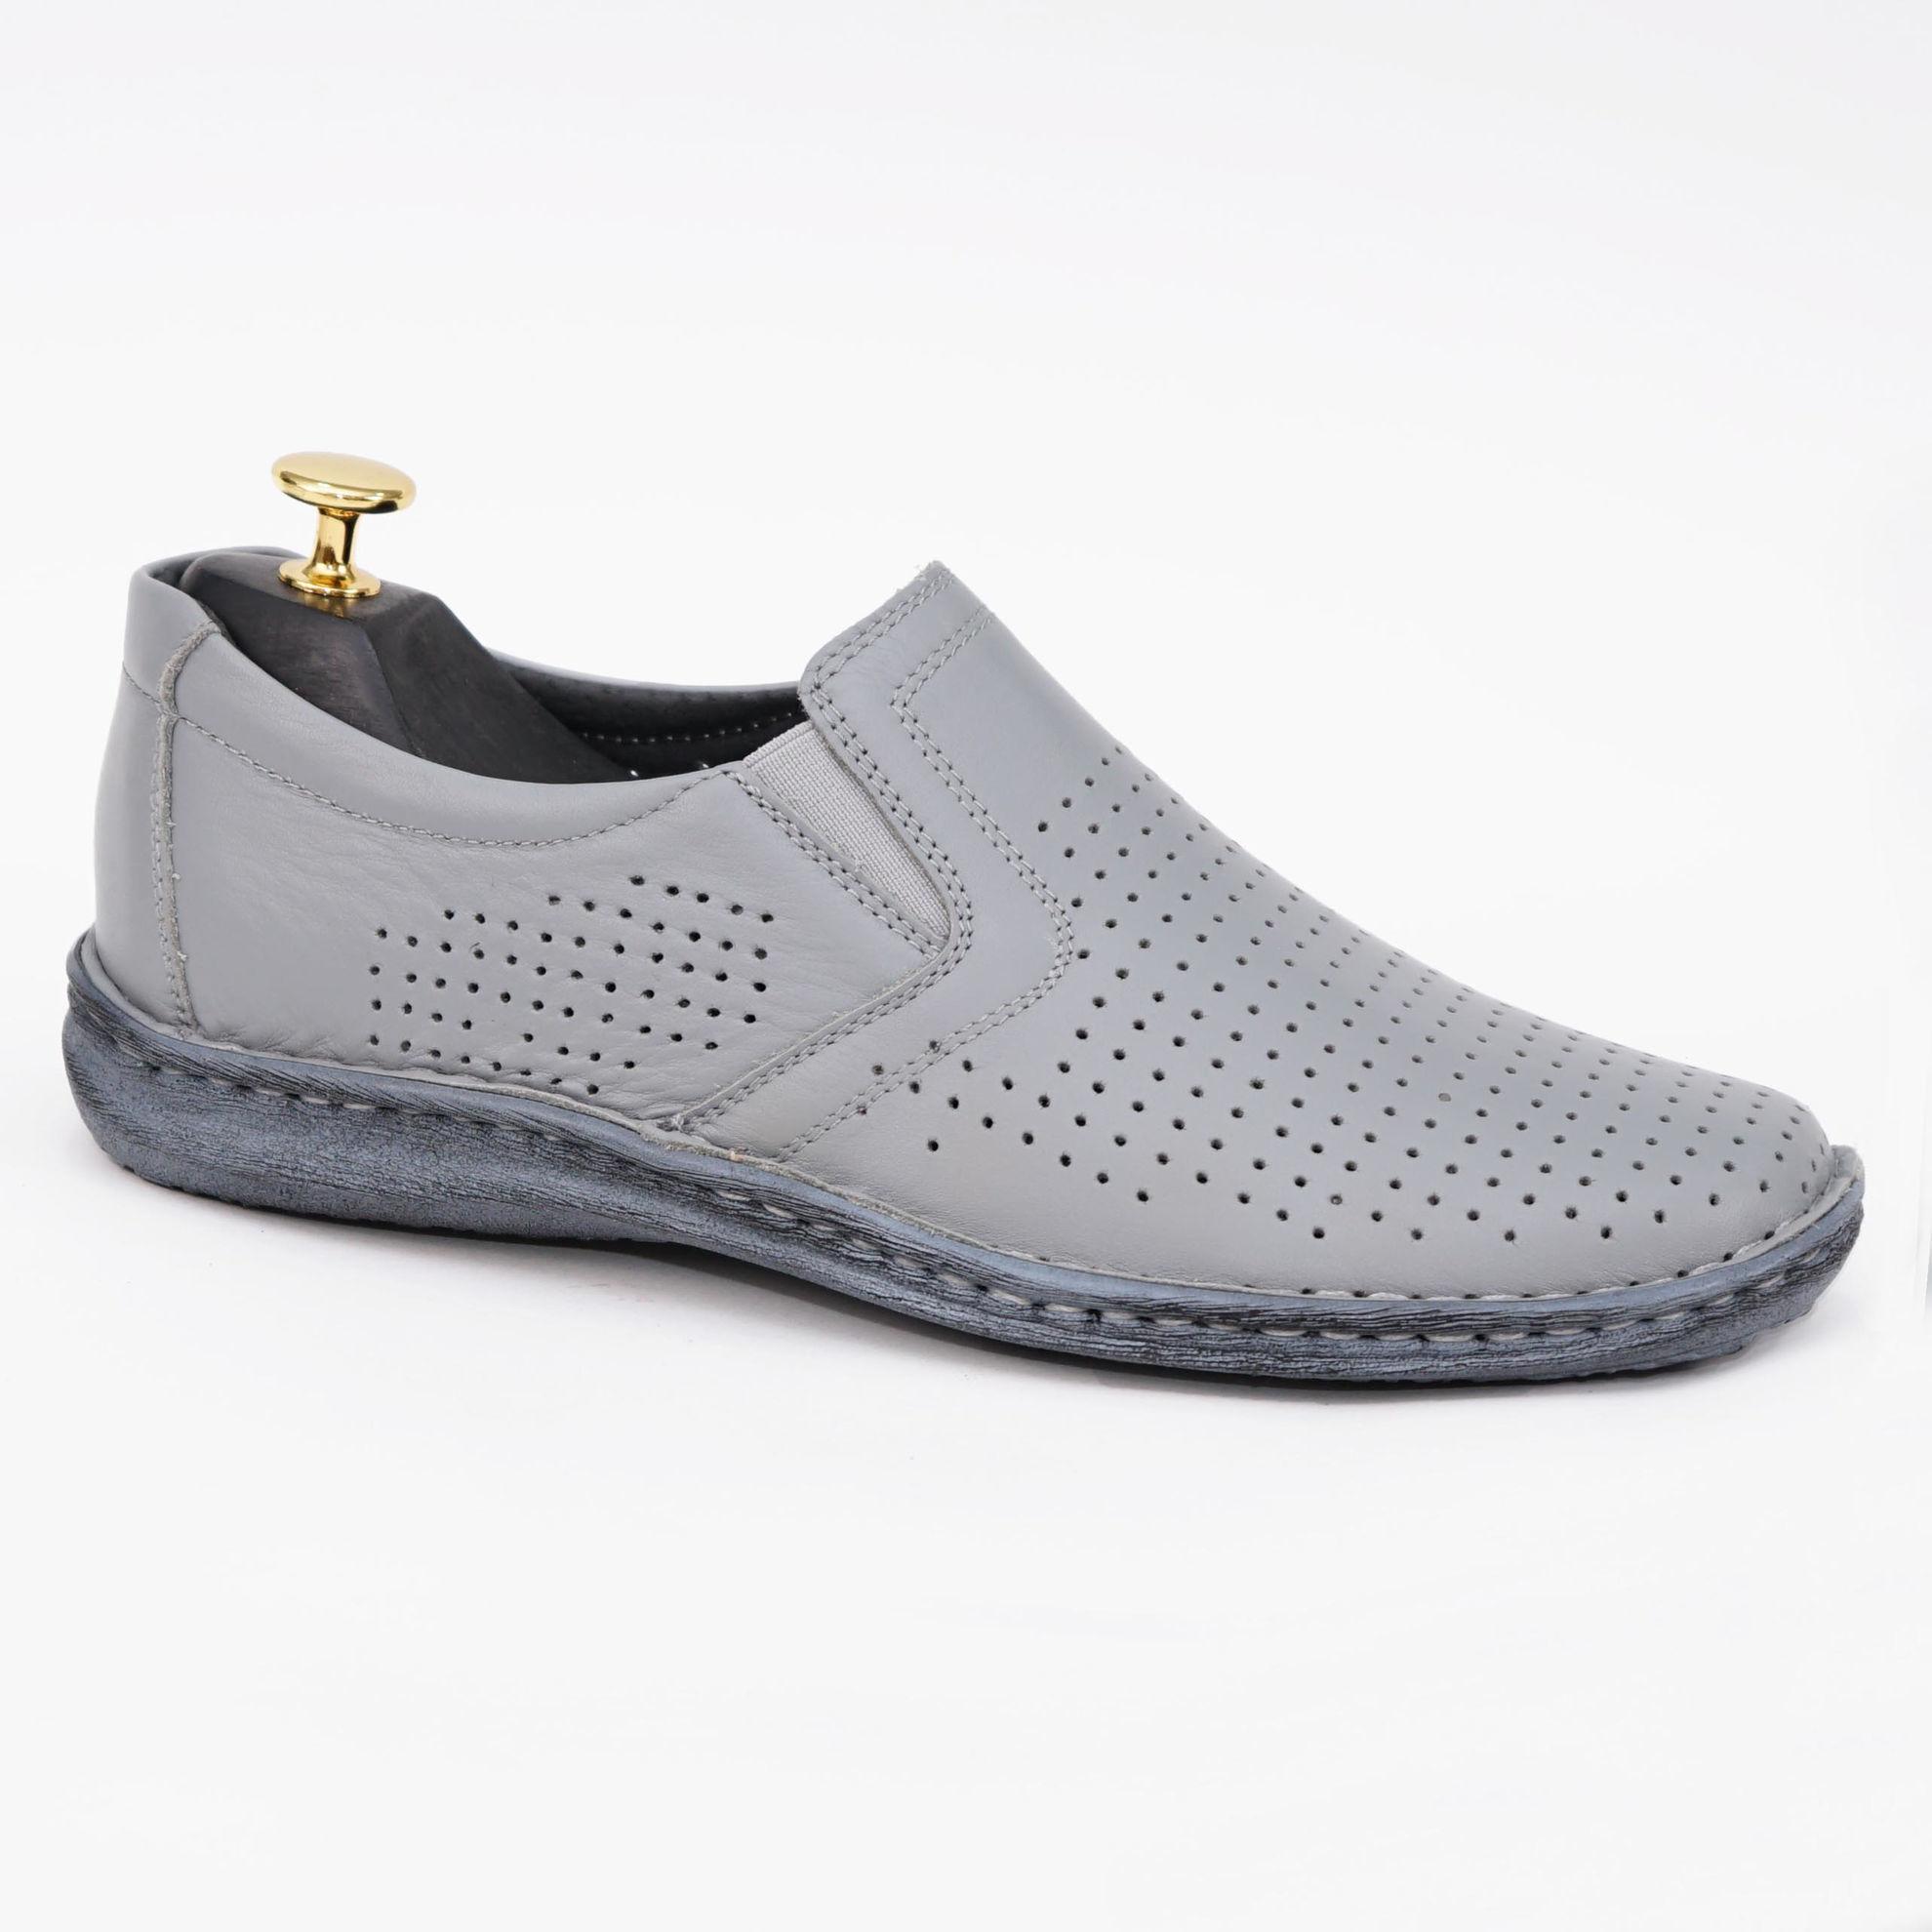 Imagine Pantofi casual bărbați piele naturală dov gri